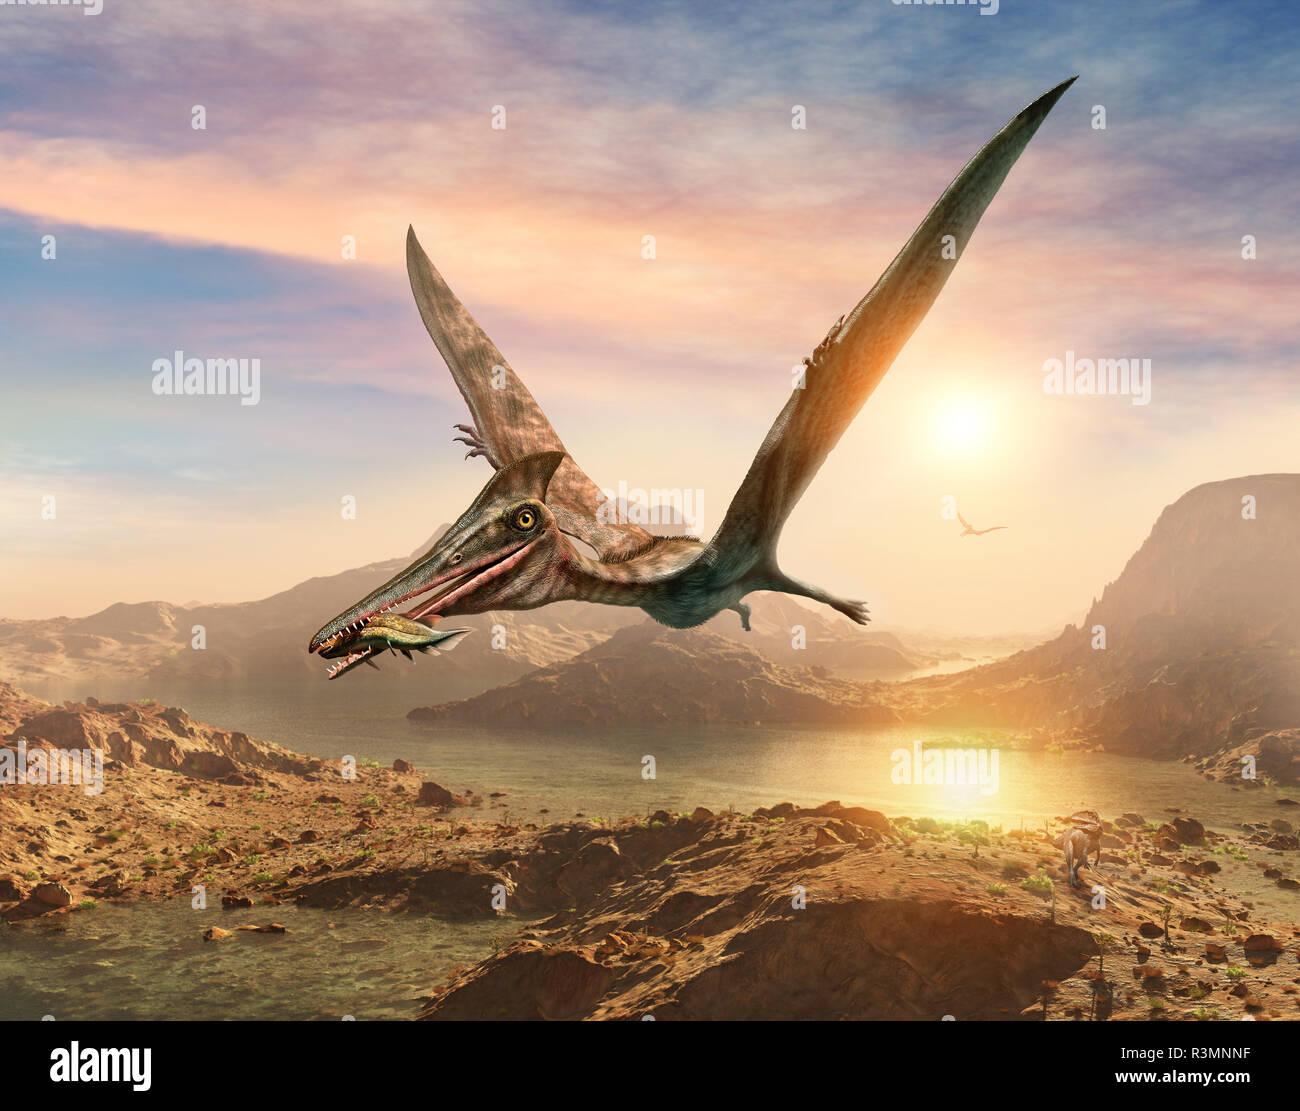 pterosaur-scene-3d-illustration-R3MNNF.j